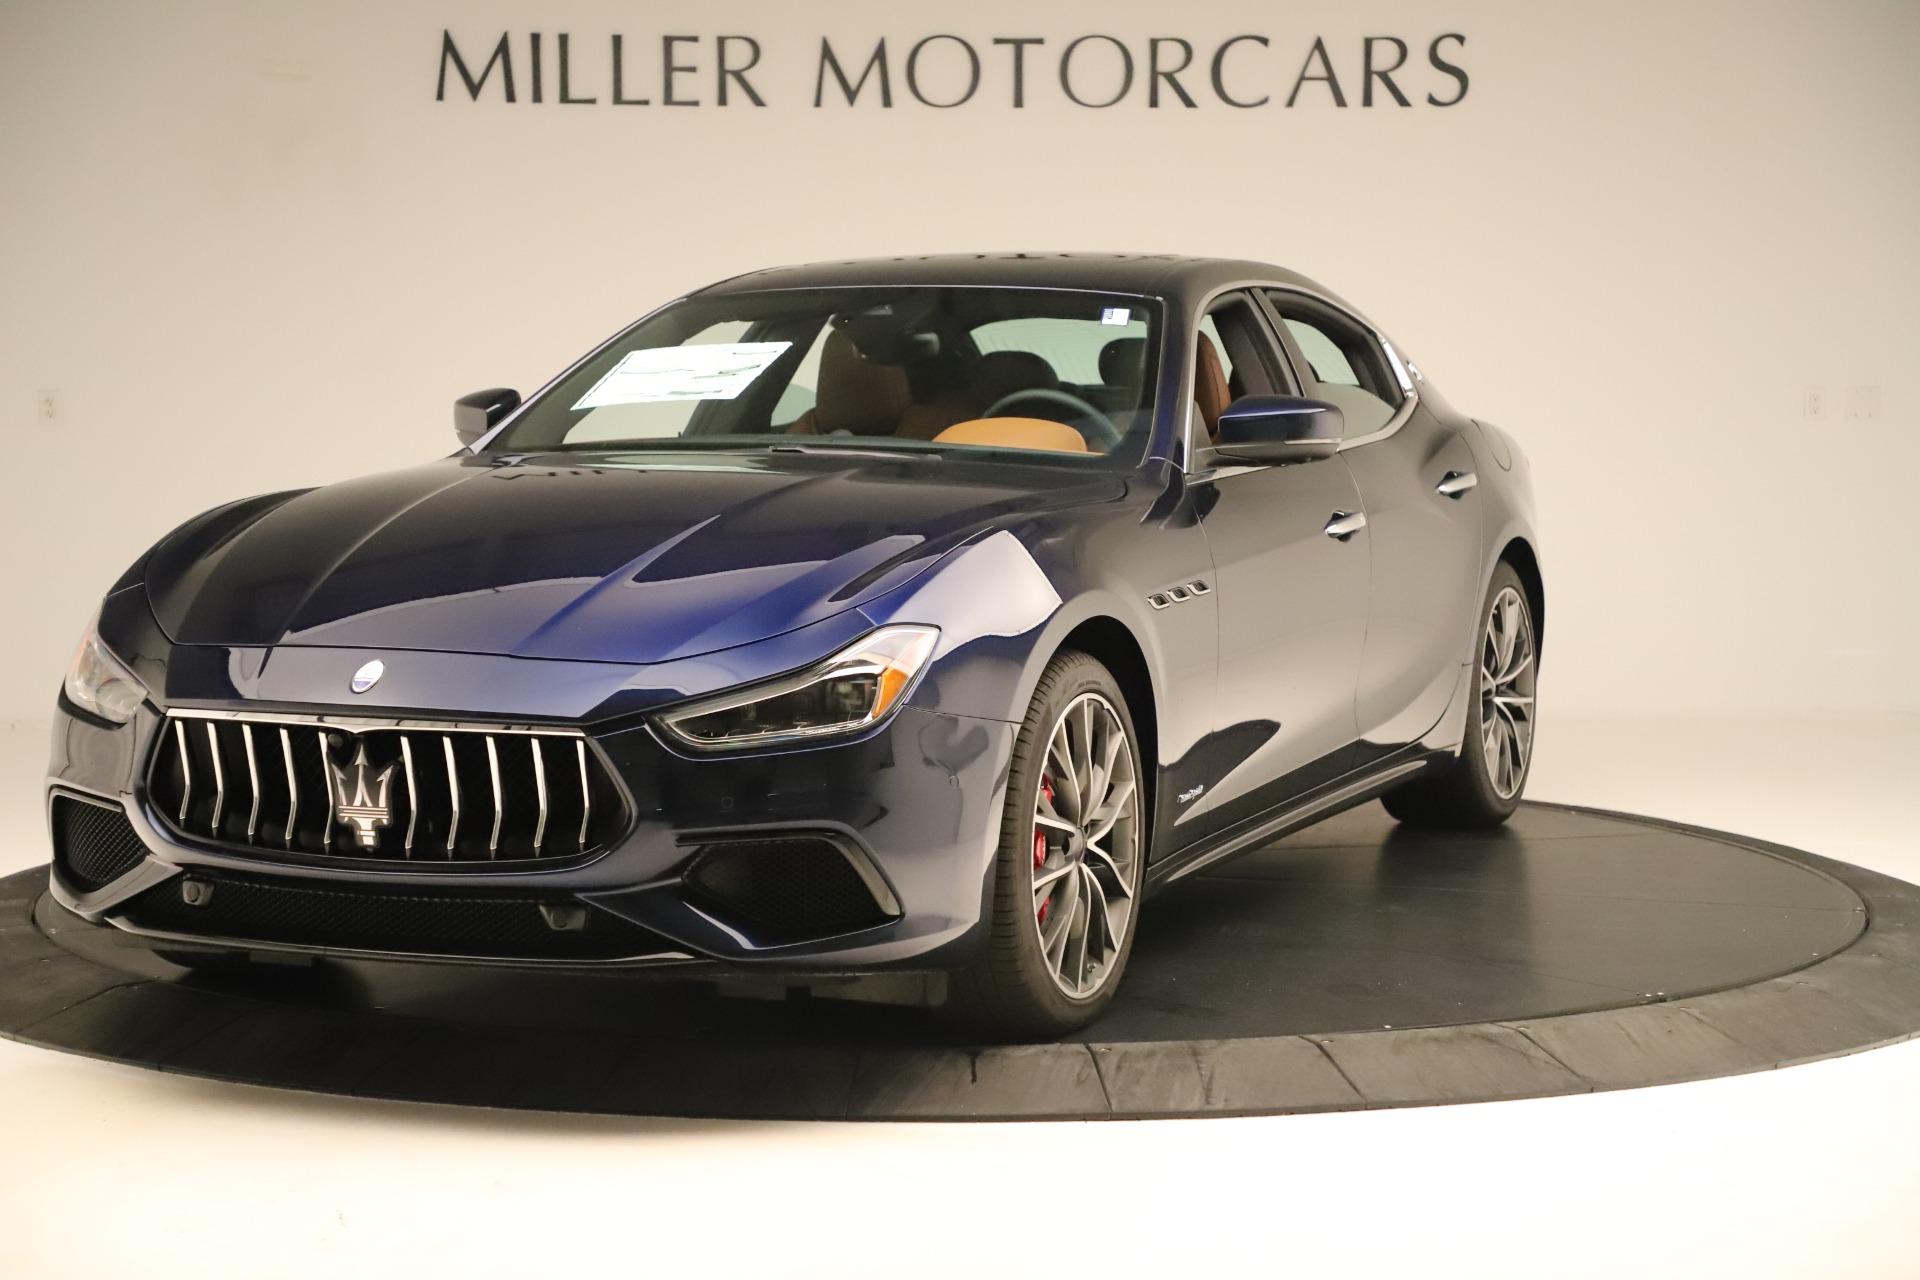 New 2019 Maserati Ghibli S Q4 GranSport For Sale In Westport, CT 2949_main